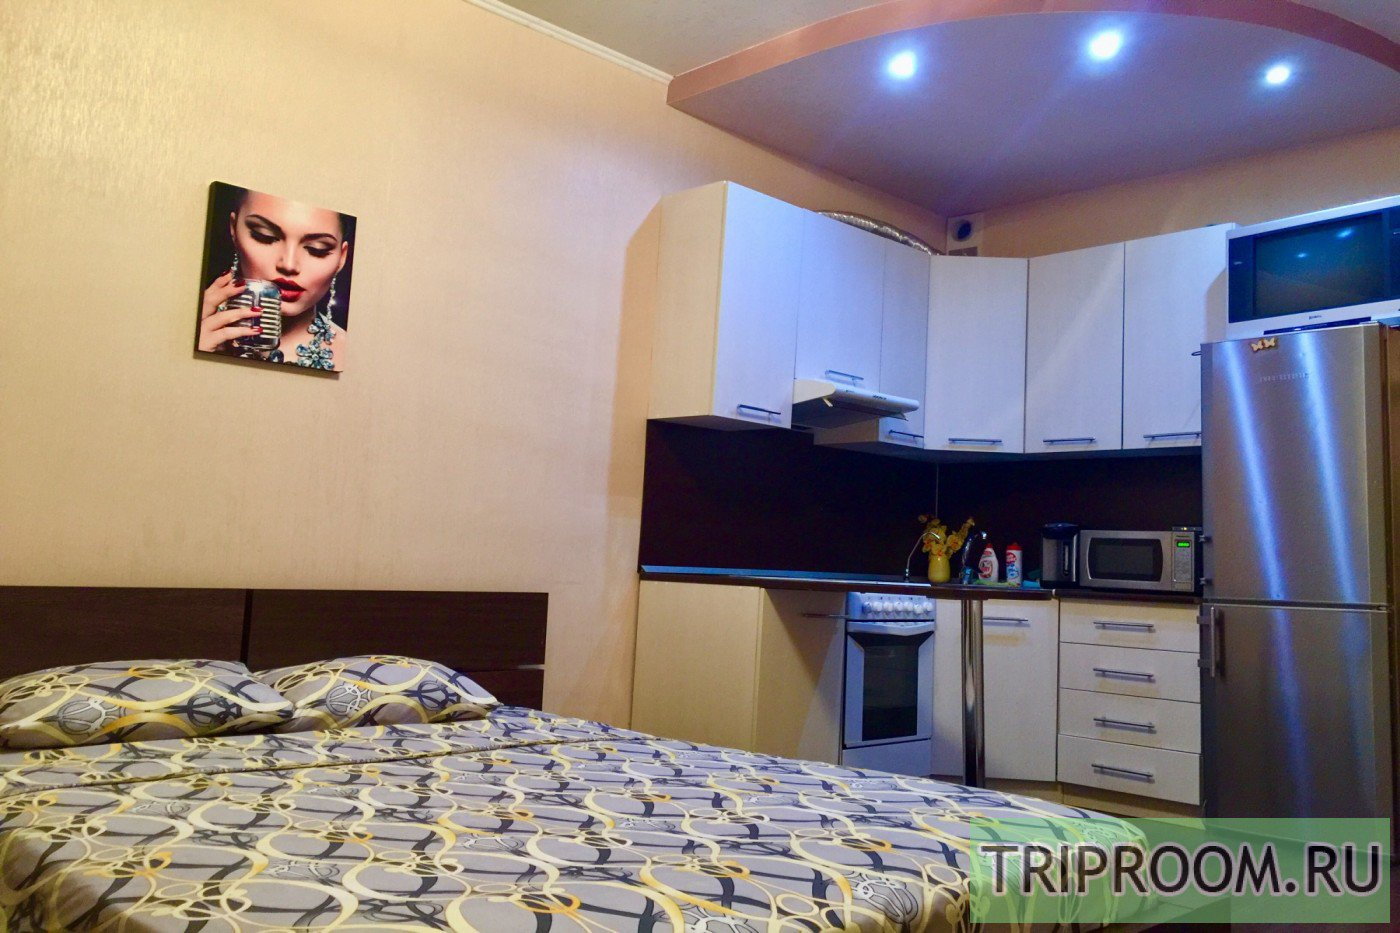 1-комнатная квартира посуточно (вариант № 36698), ул. Университетская улица, фото № 10